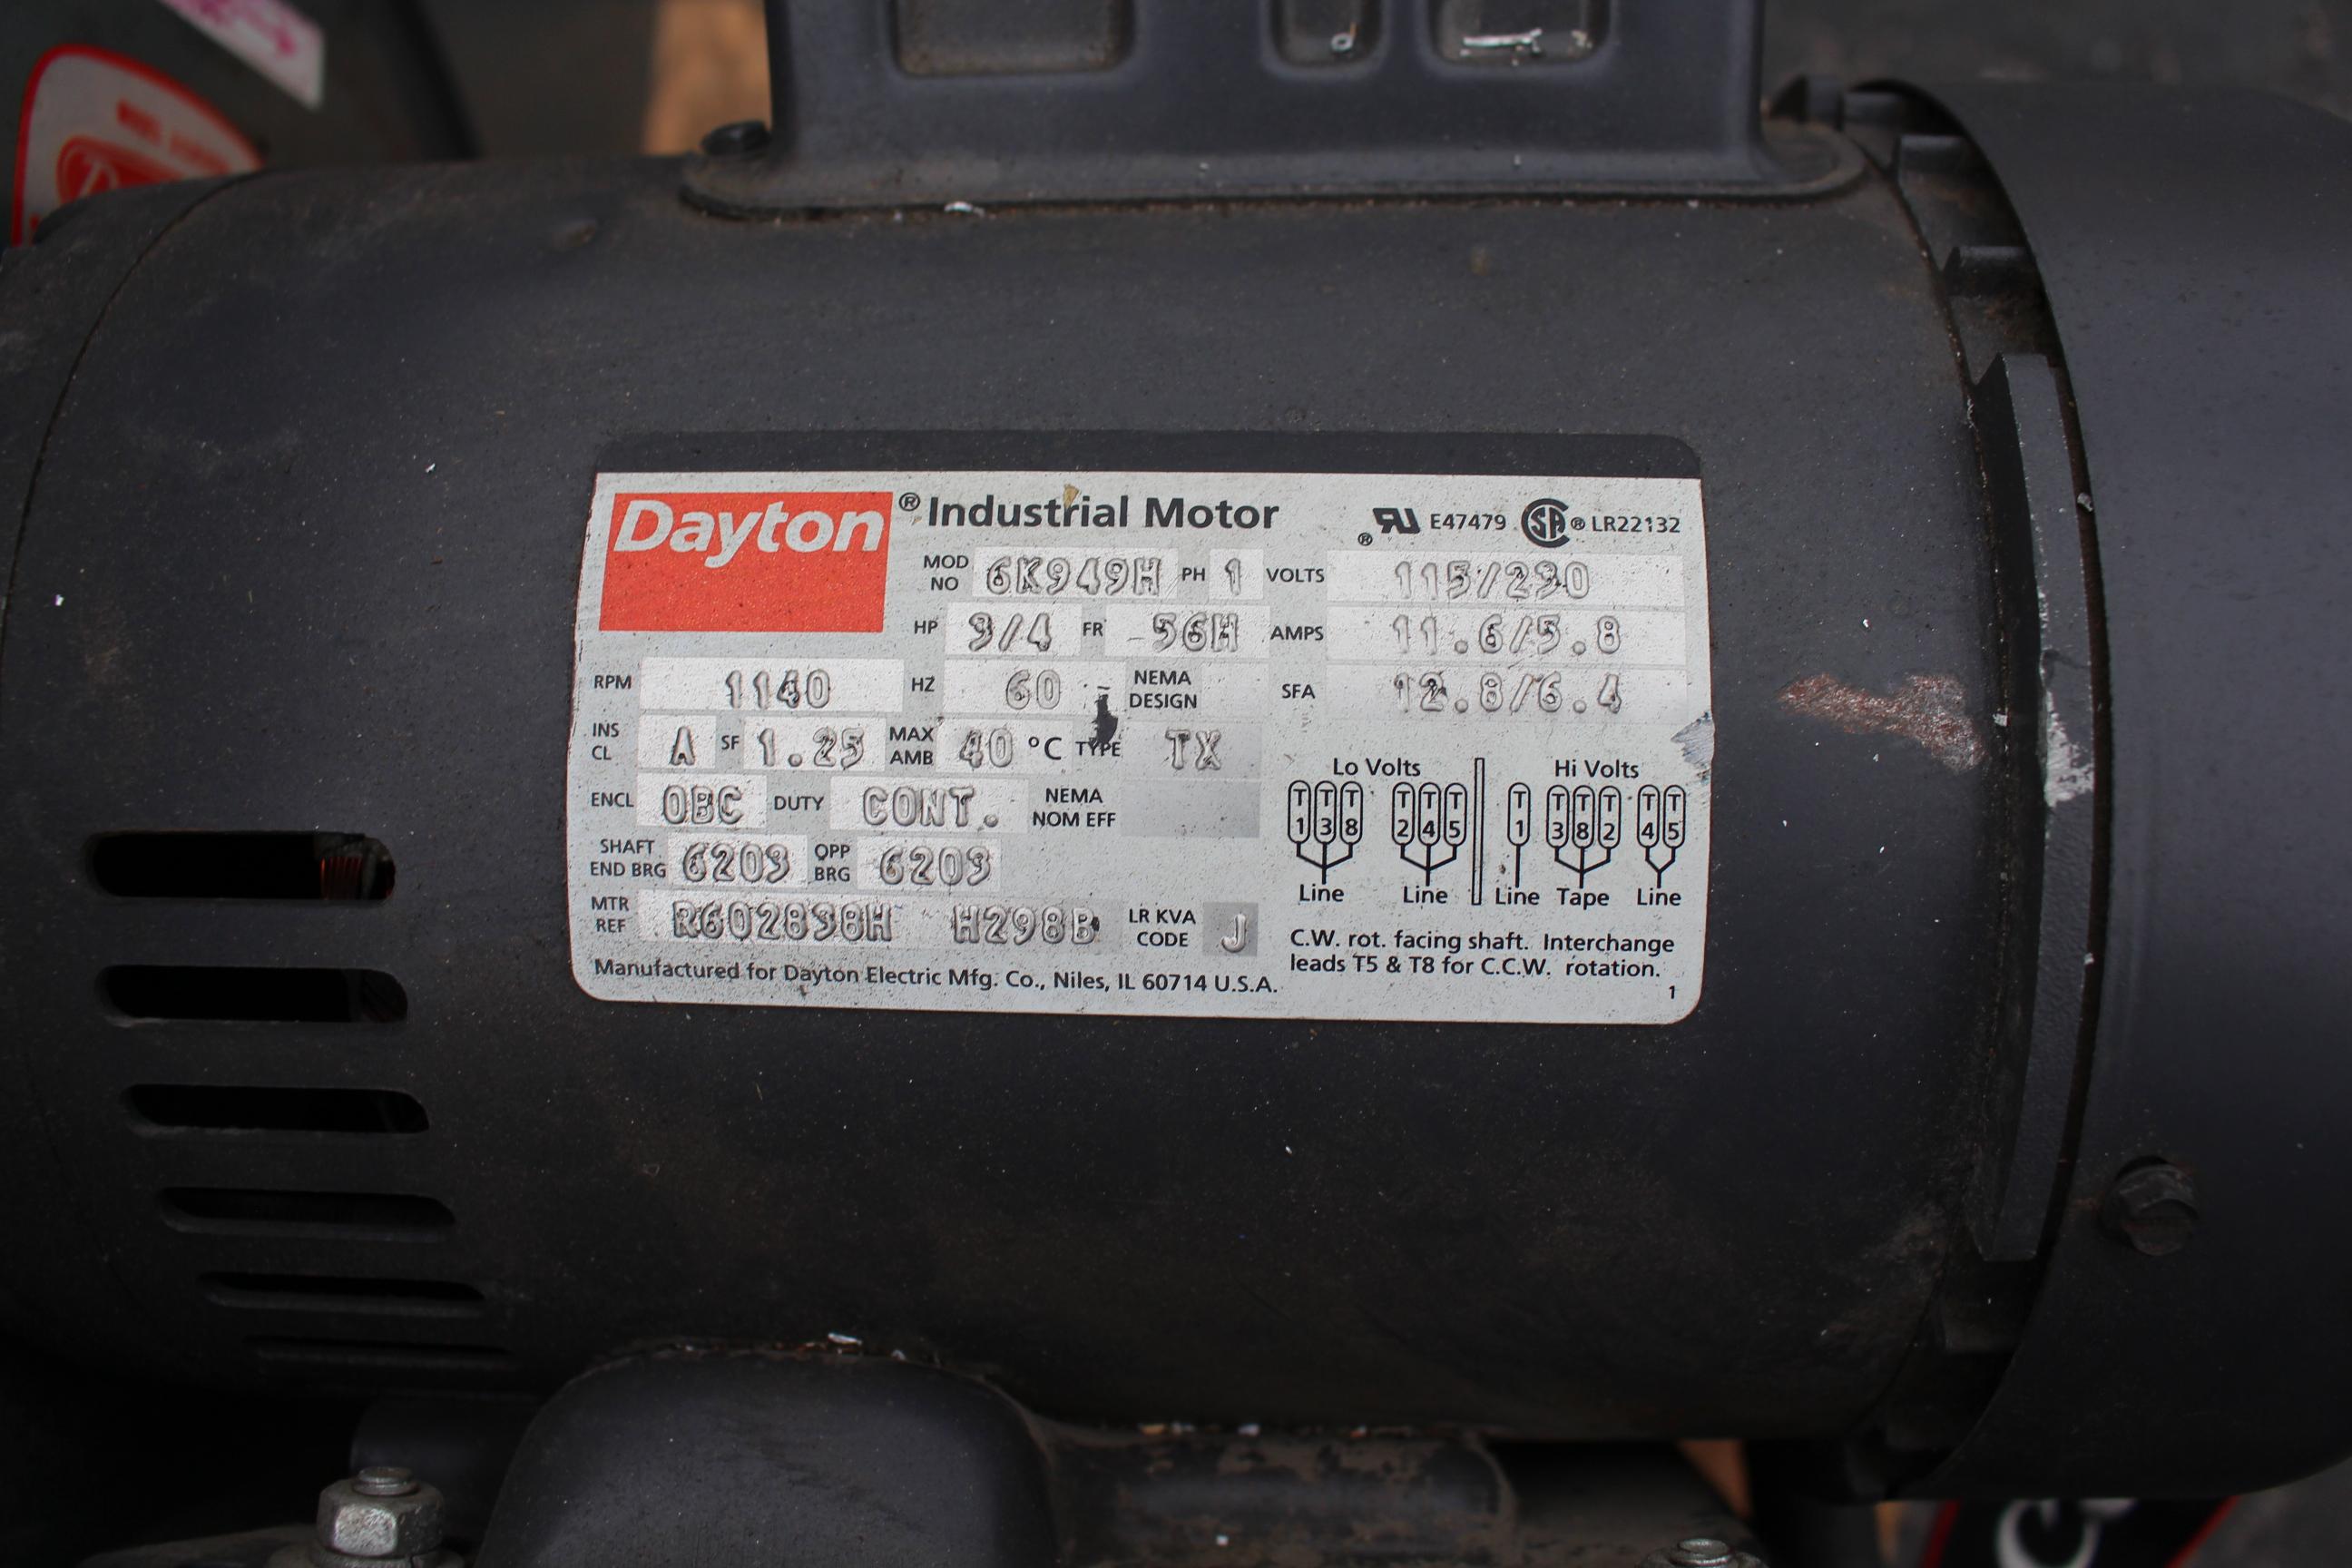 DAYTON 3/4 HP BLOWER - Image 2 of 2